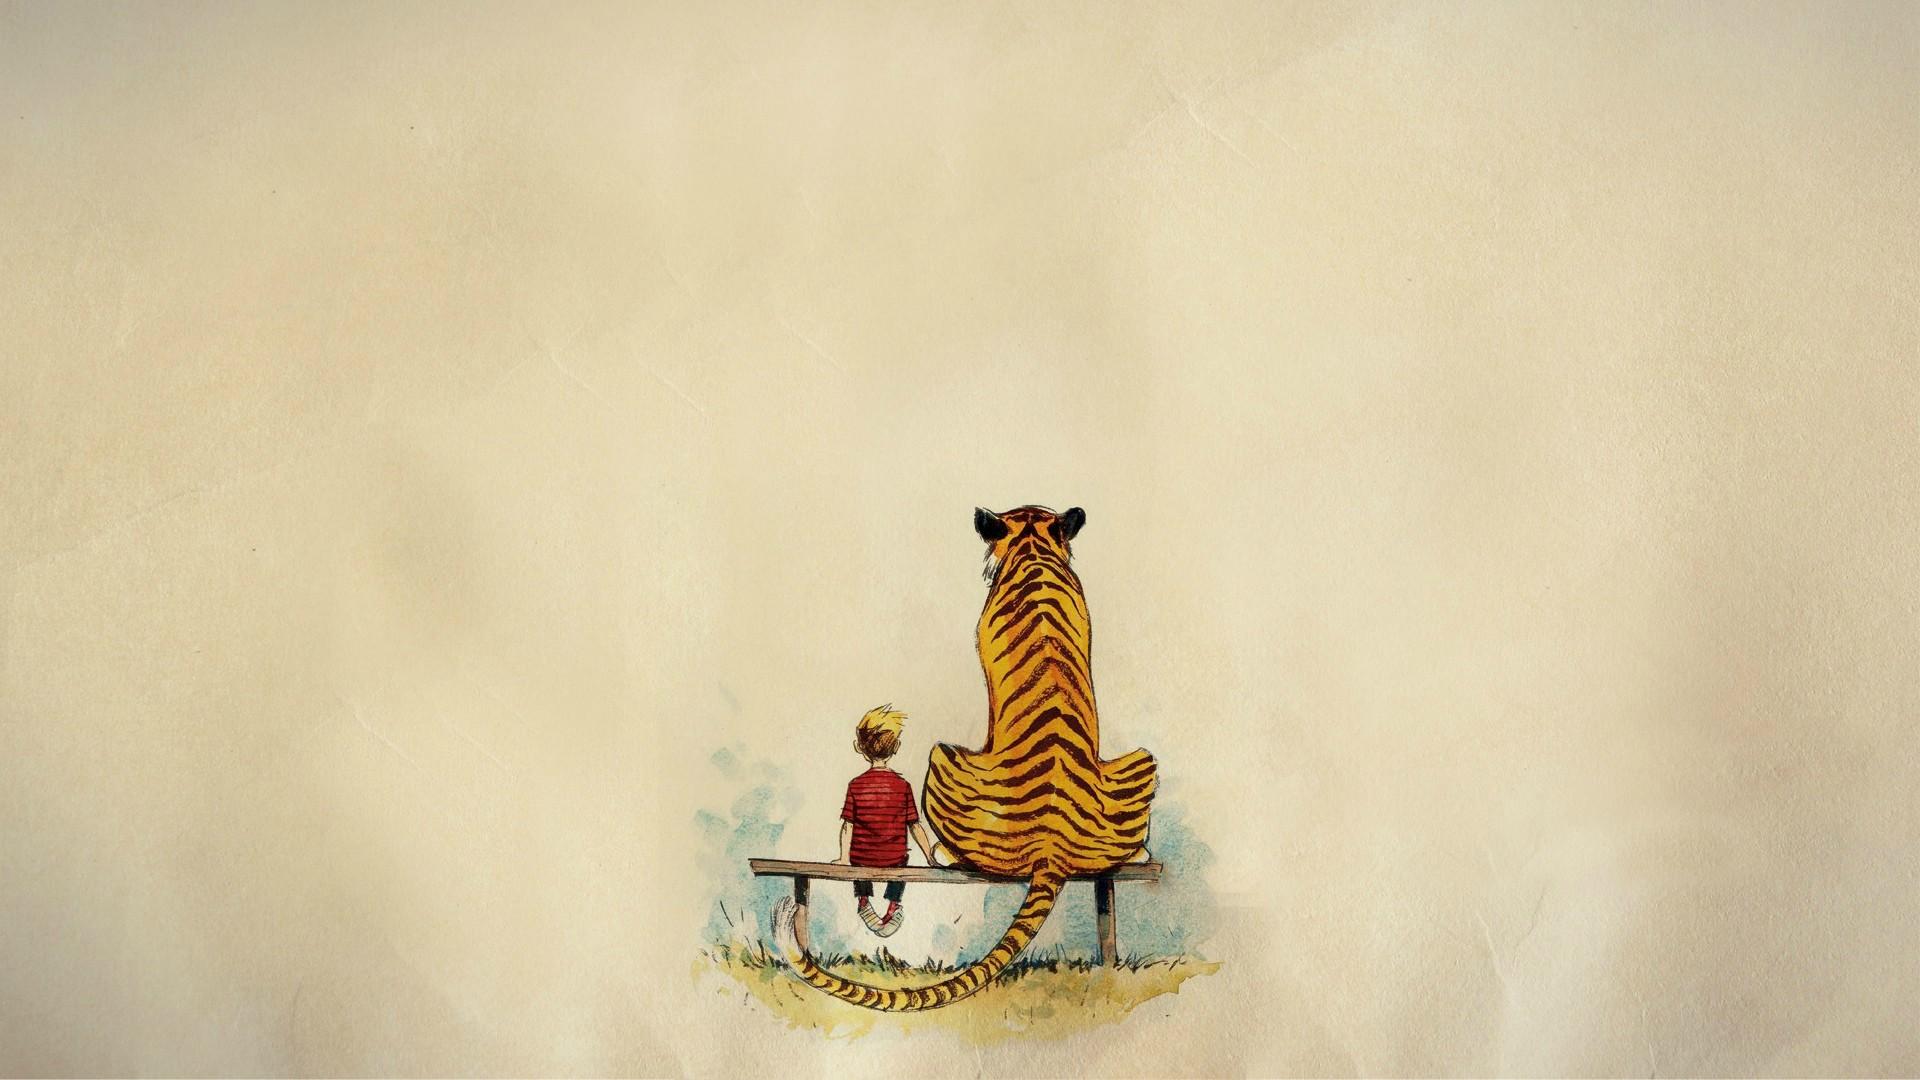 Calvin and Hobbes Wallpaper Dump - Album on Imgur